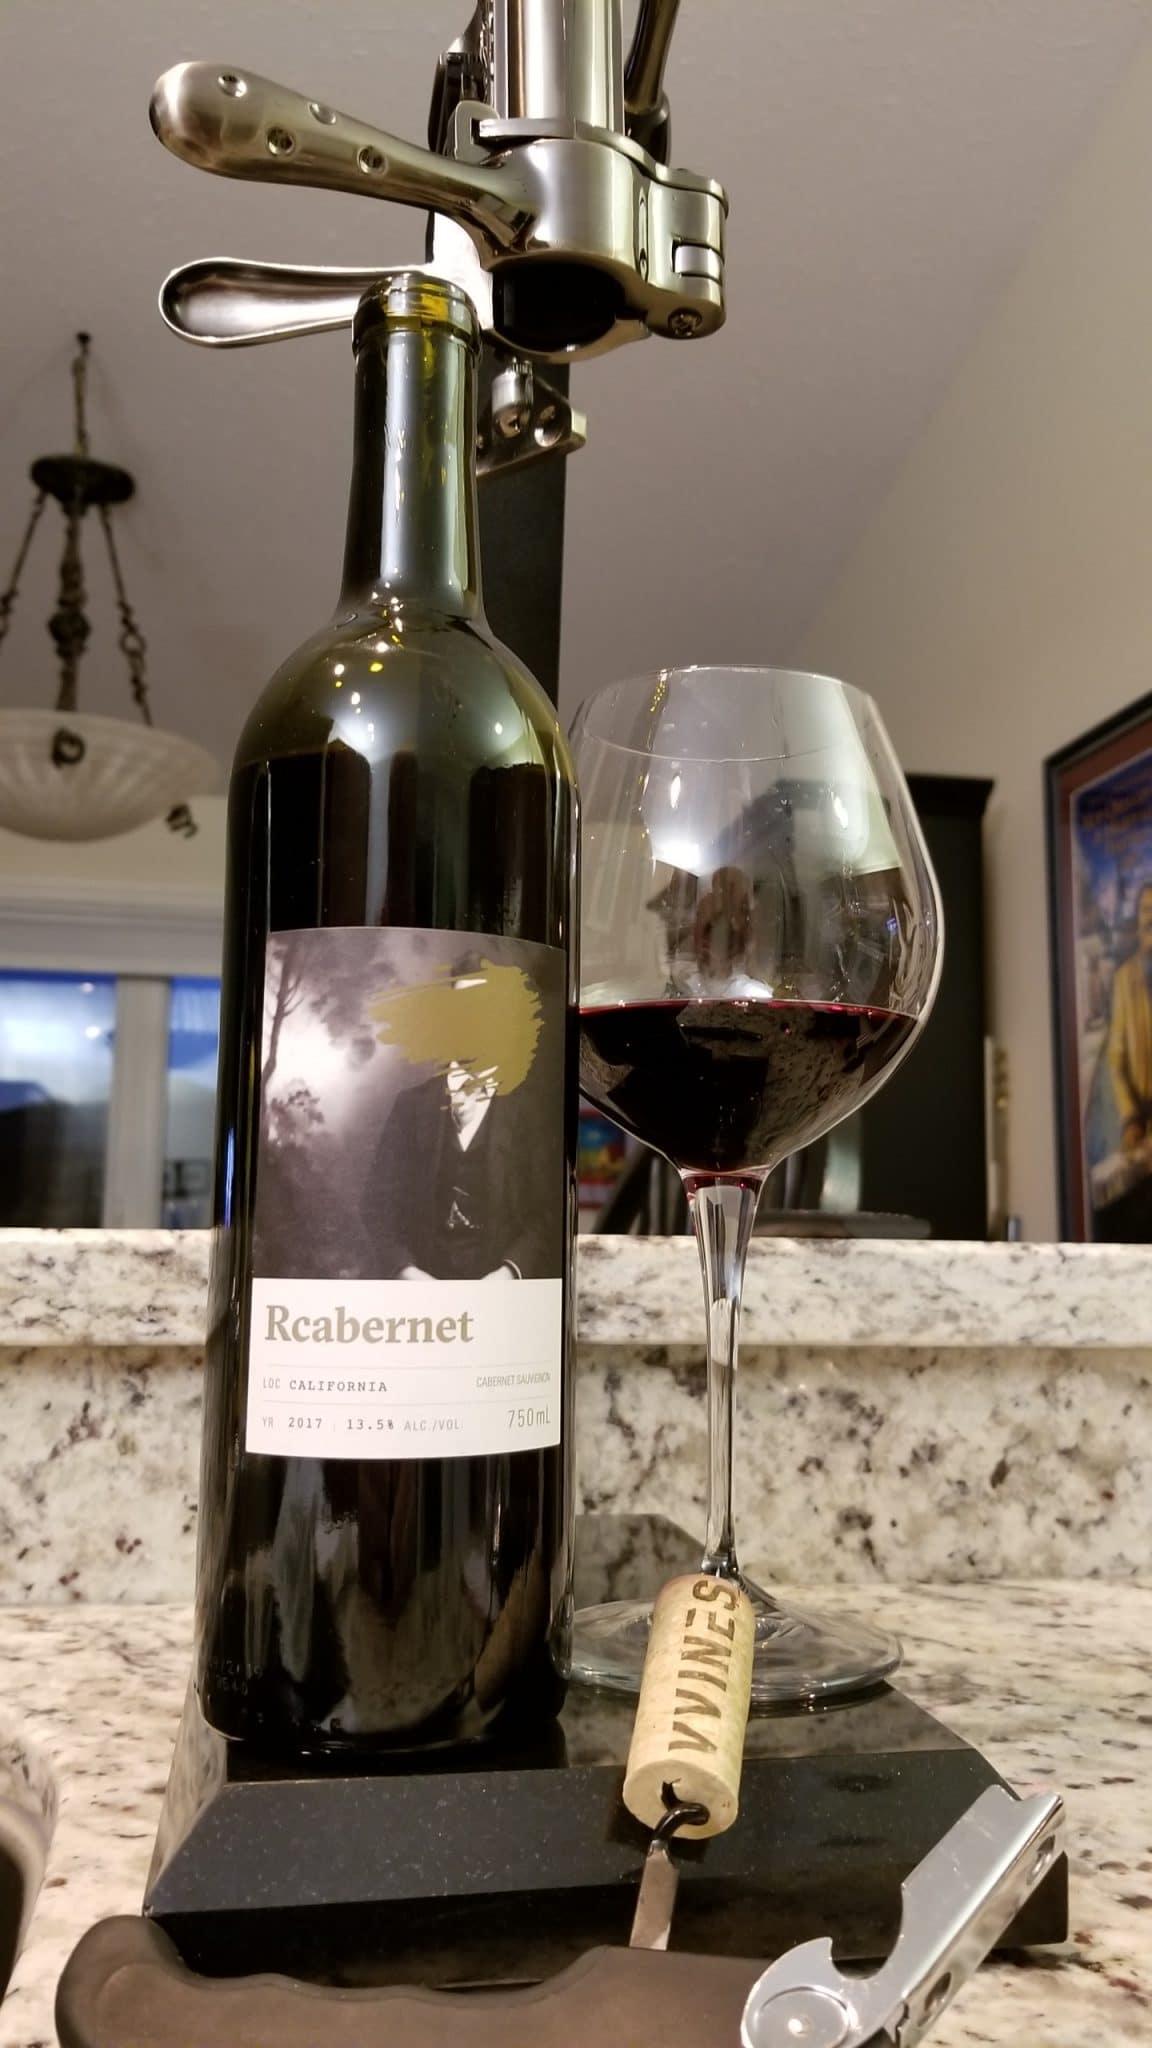 $19.95 - Rcabernet Sauvignon 2017